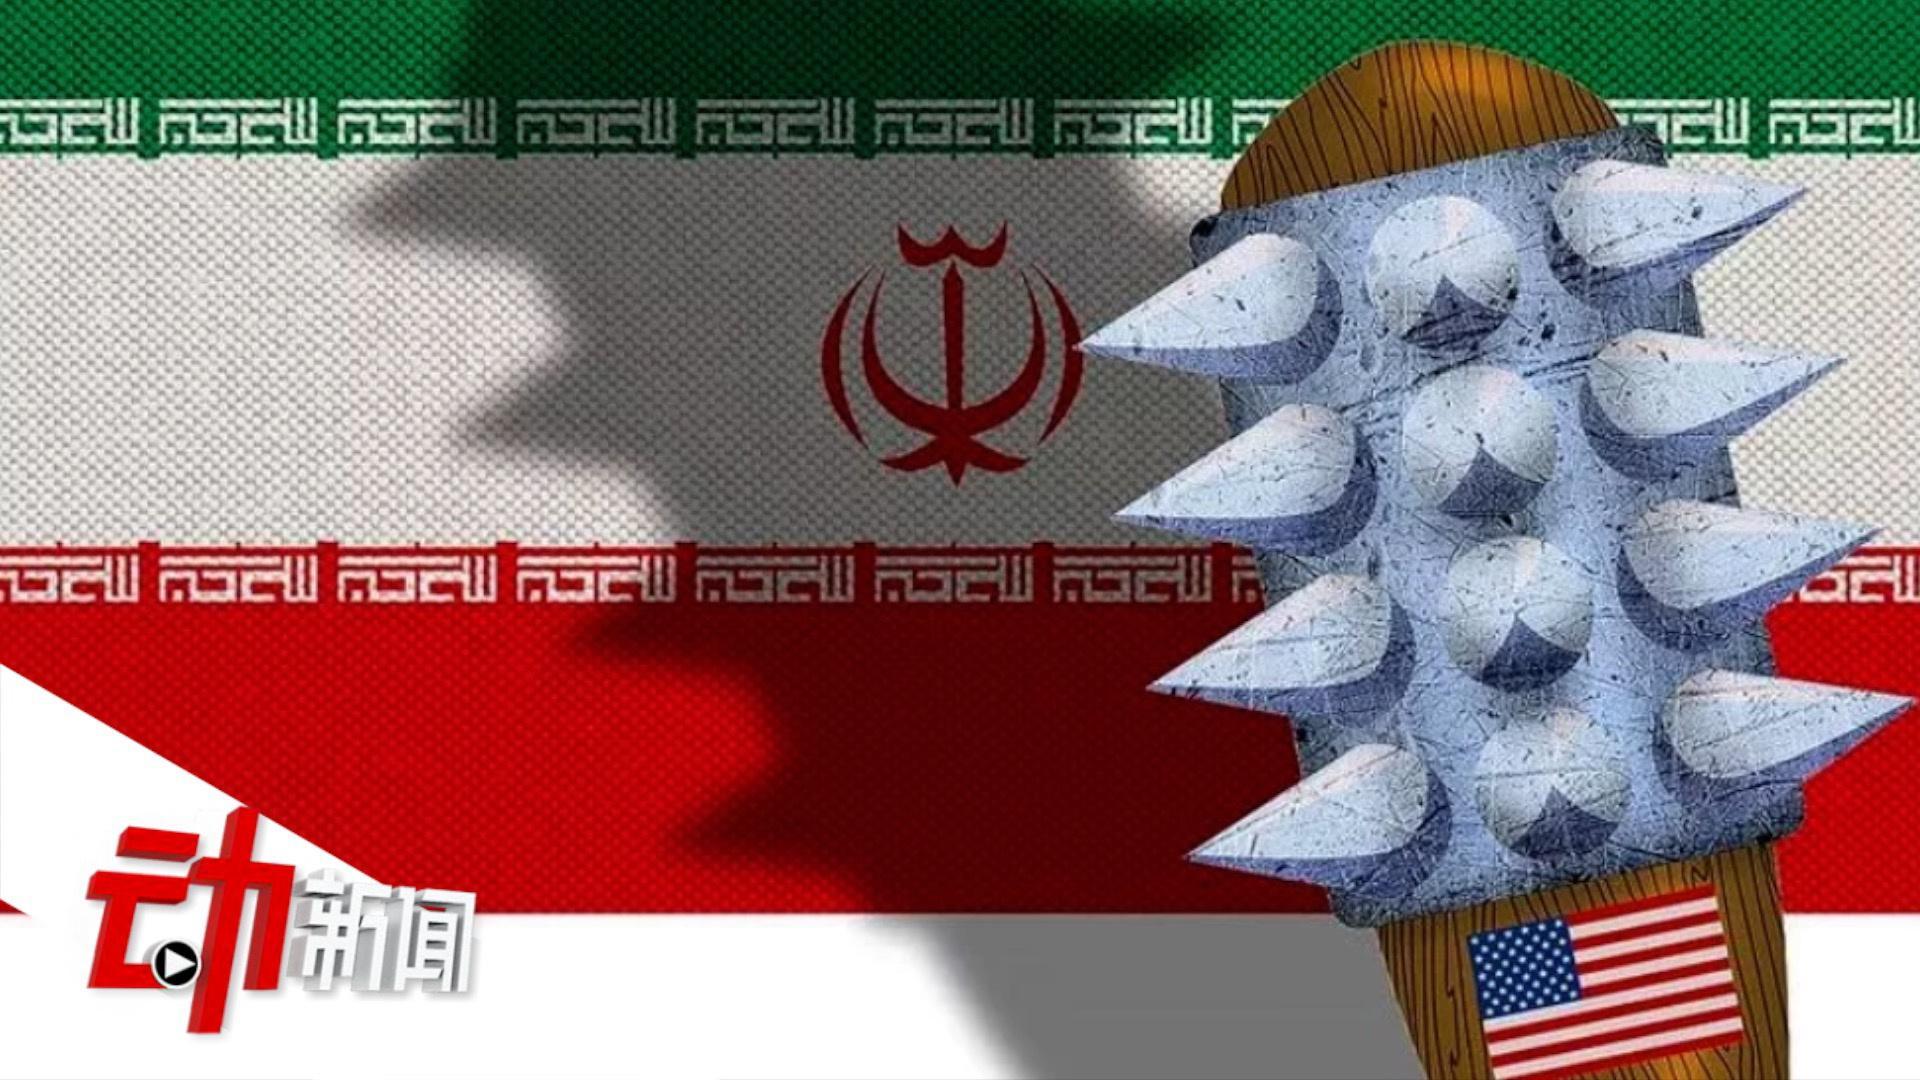 特朗普威胁称打击伊朗52处极重要目标 隐含美伊40年恩怨